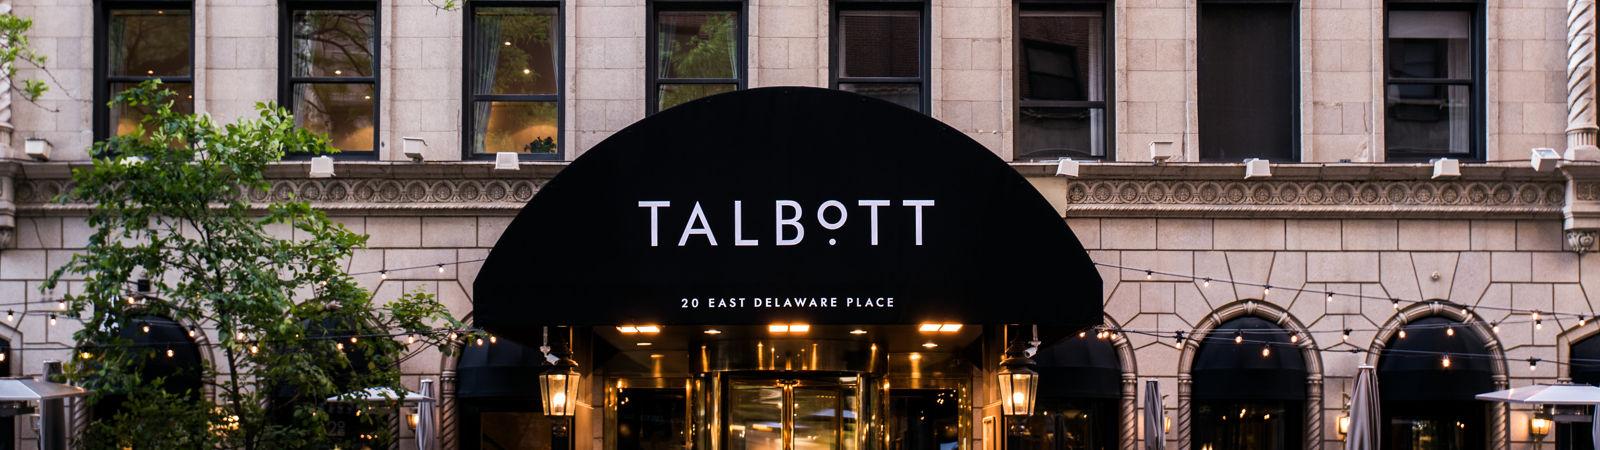 Boutique Hotel In Chicago Blog The Talbott Hotel